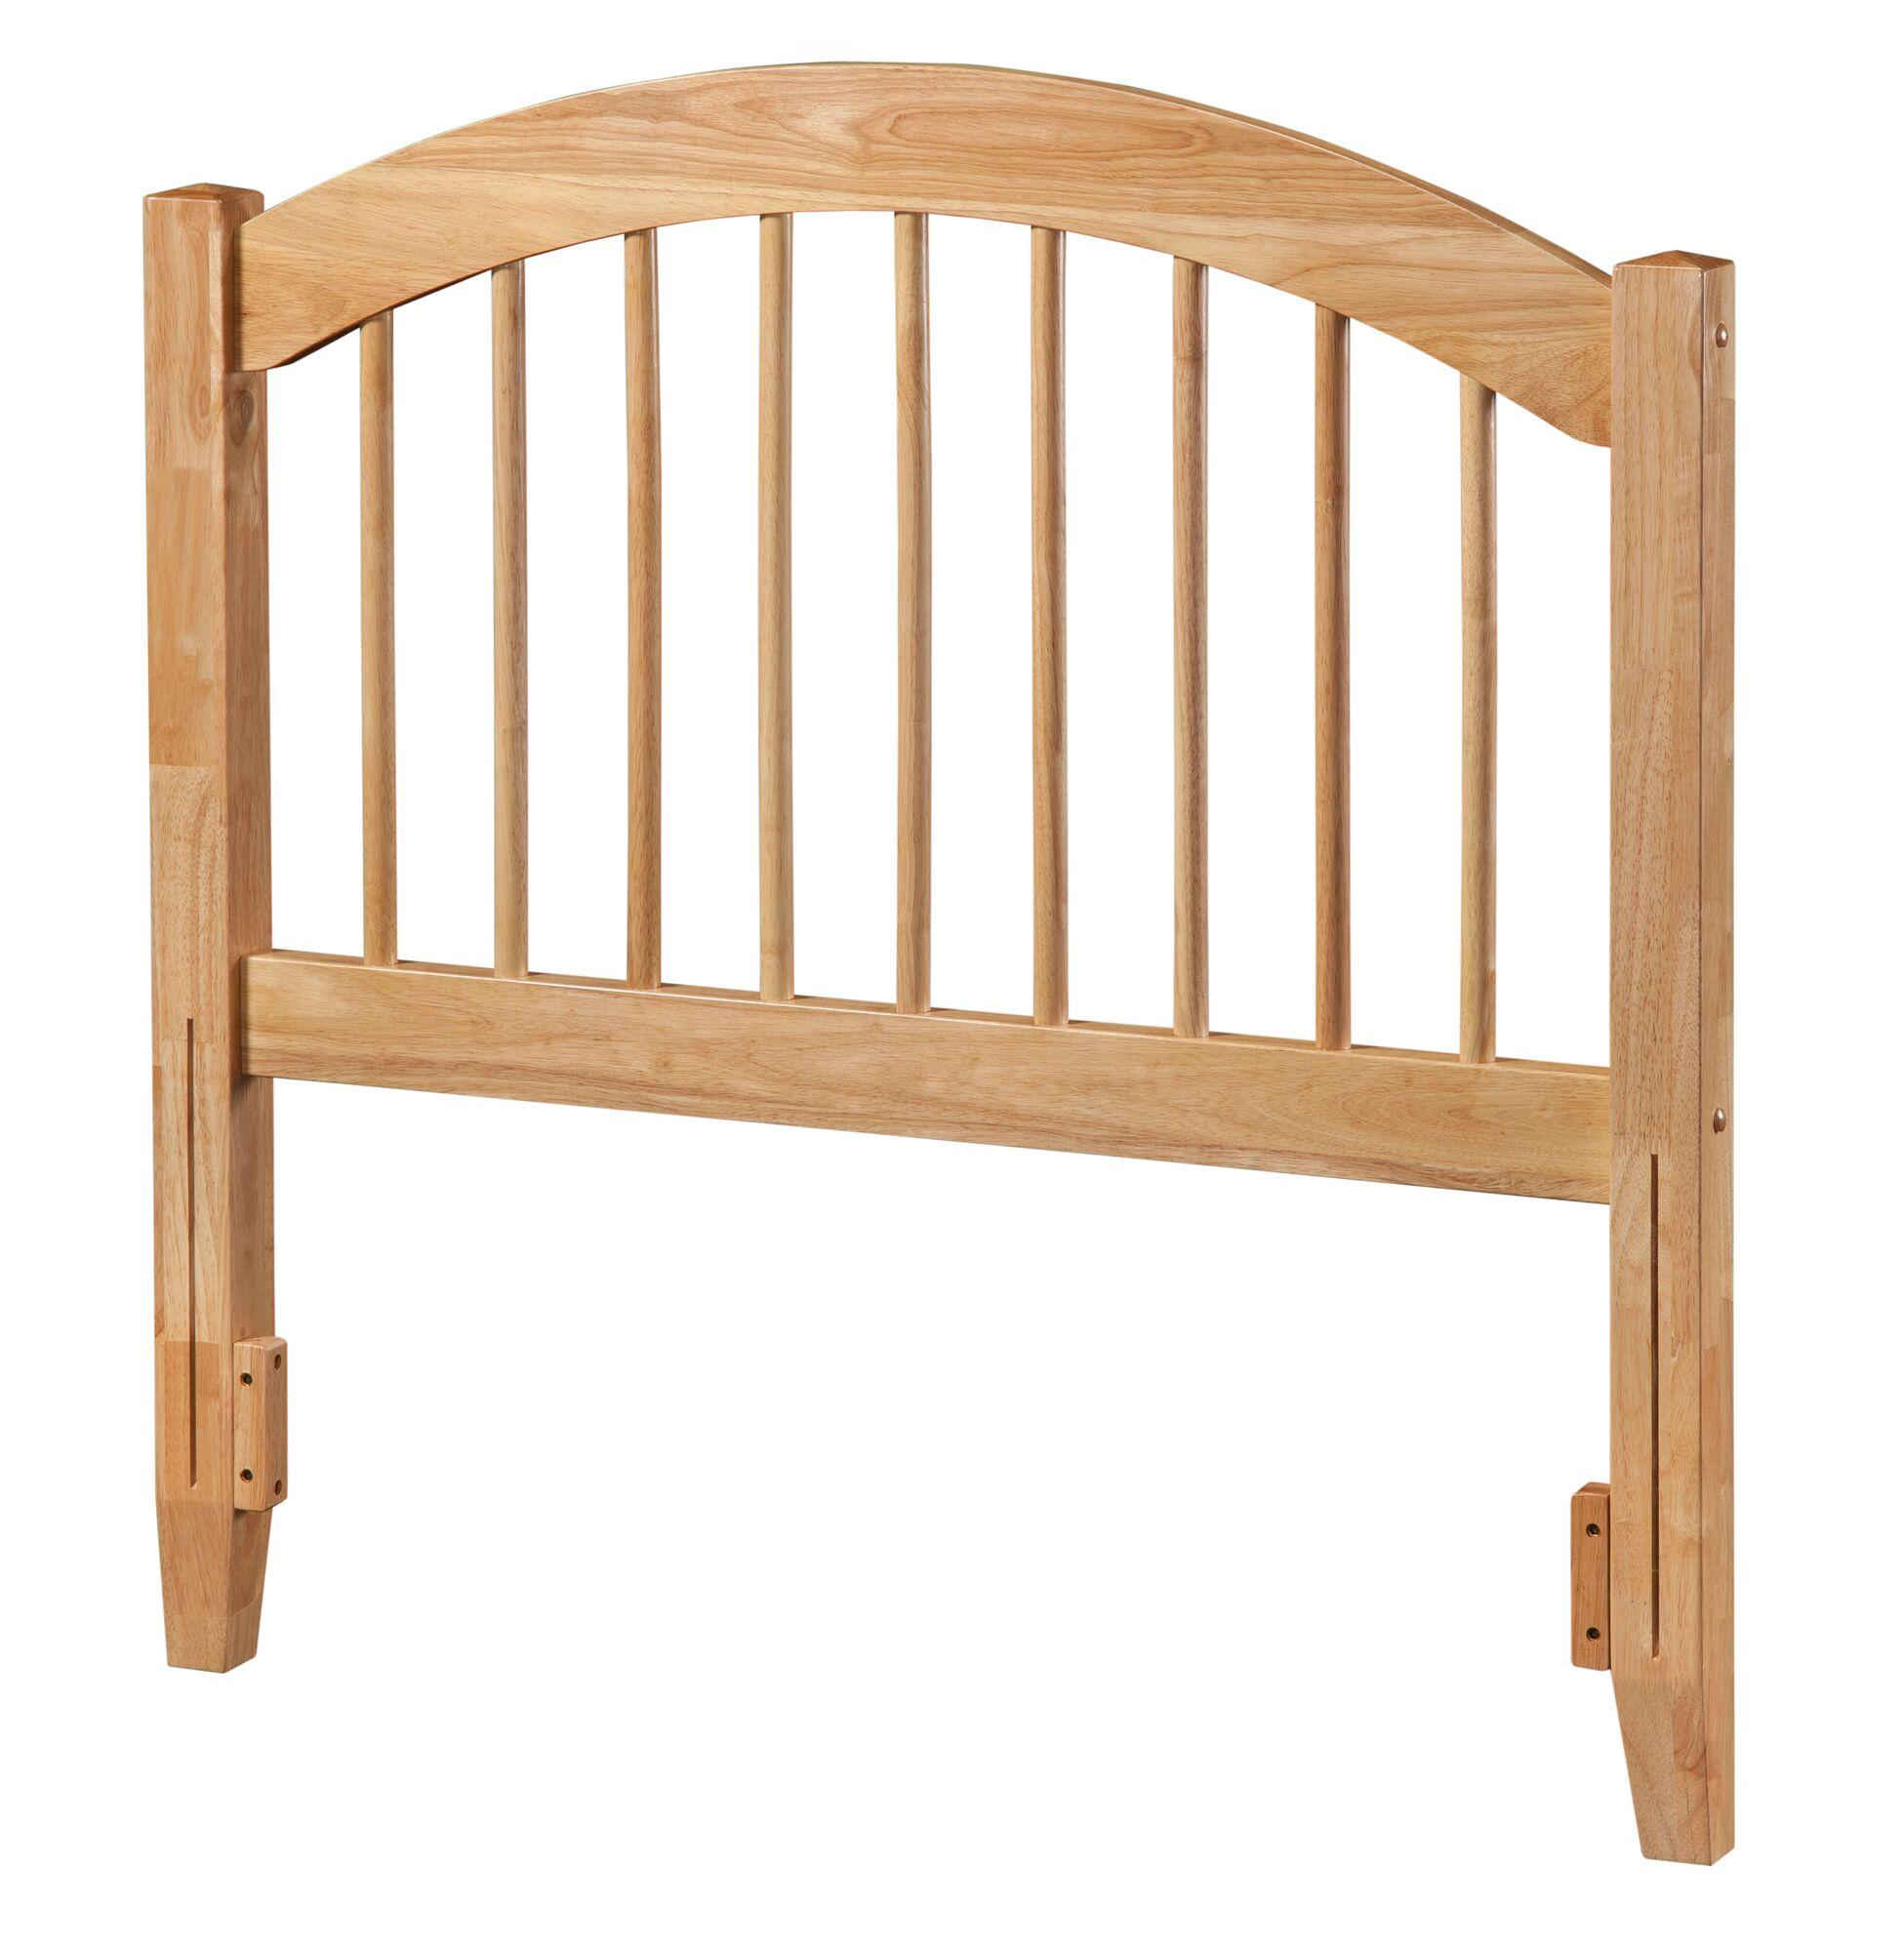 Maryanne Slat Headboard Upholstery: White, Size: Full